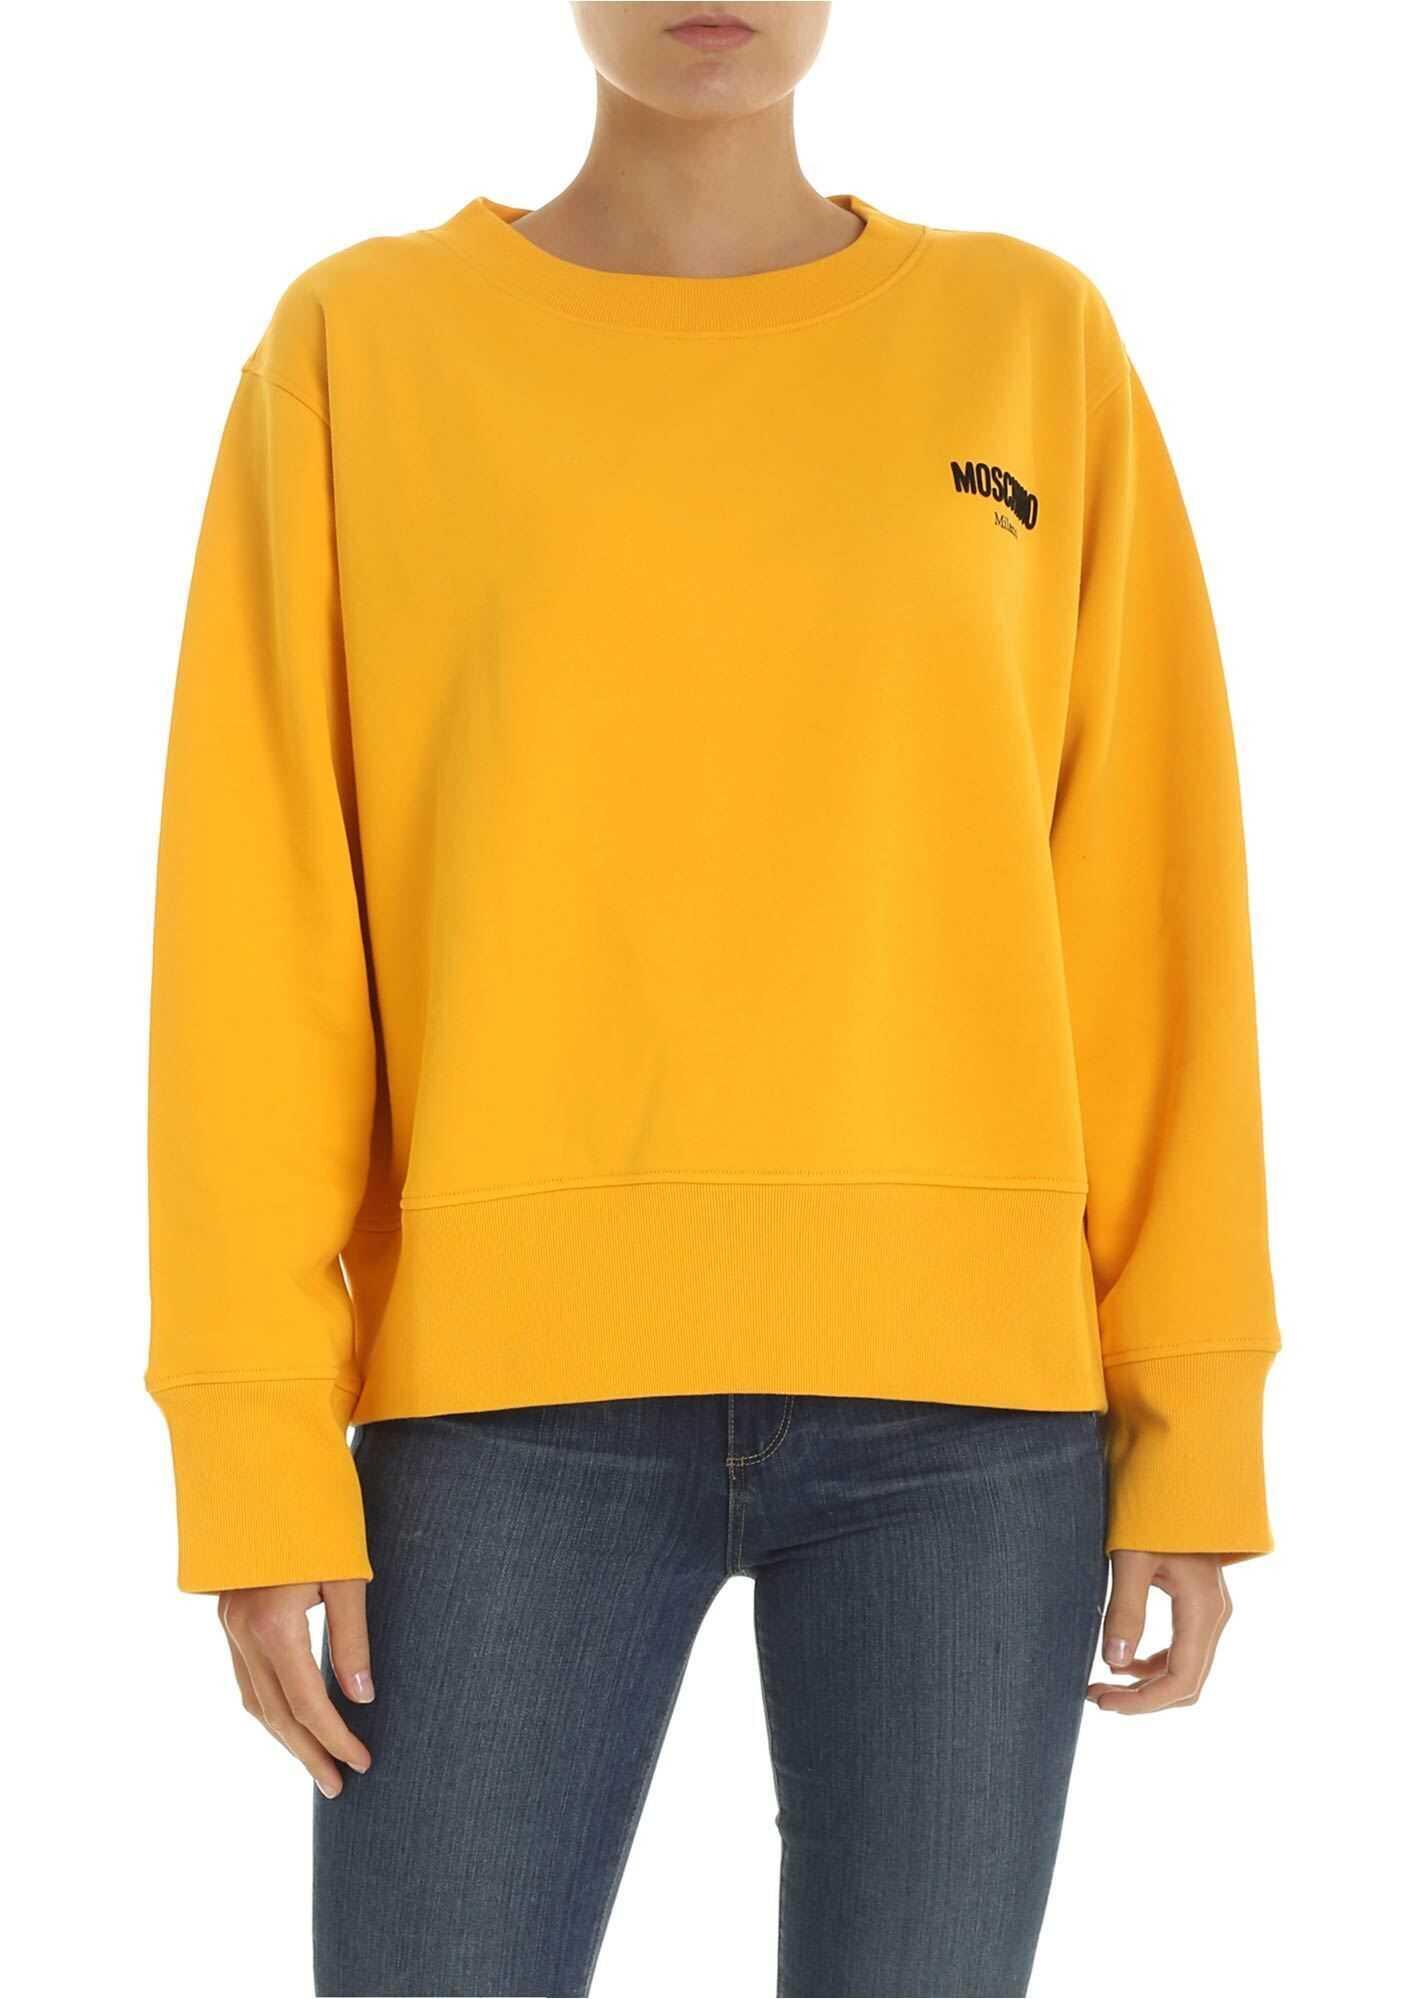 Moschino Yellow Boxy Sweatshirt With Moschino Print Yellow